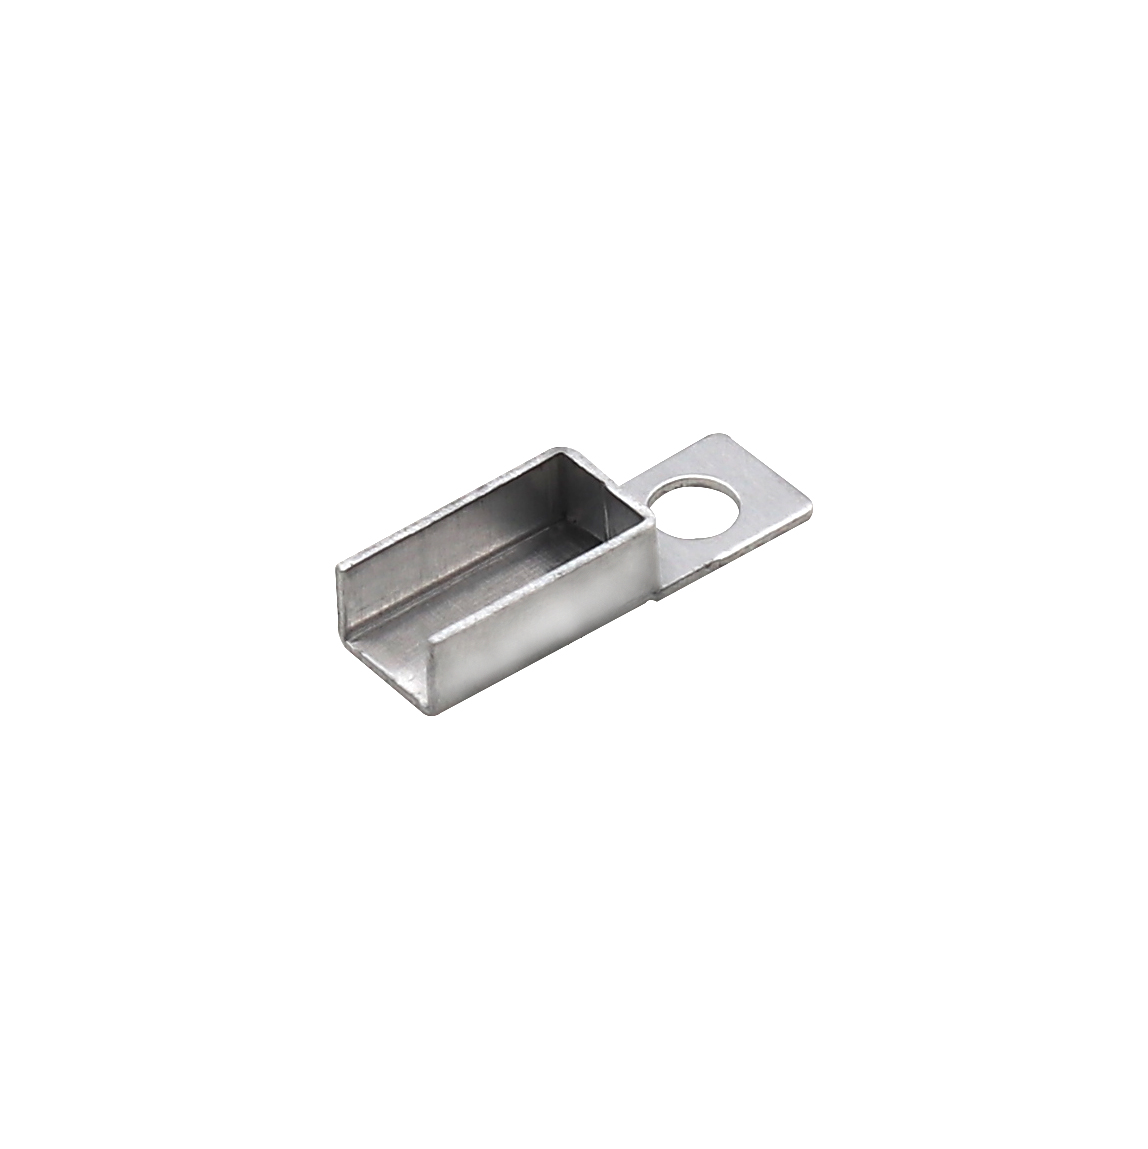 7.5x18.5x0.5t鋁端子有孔 鋁殼傳感器端子AL1060精密模具生產廠家志盈端子